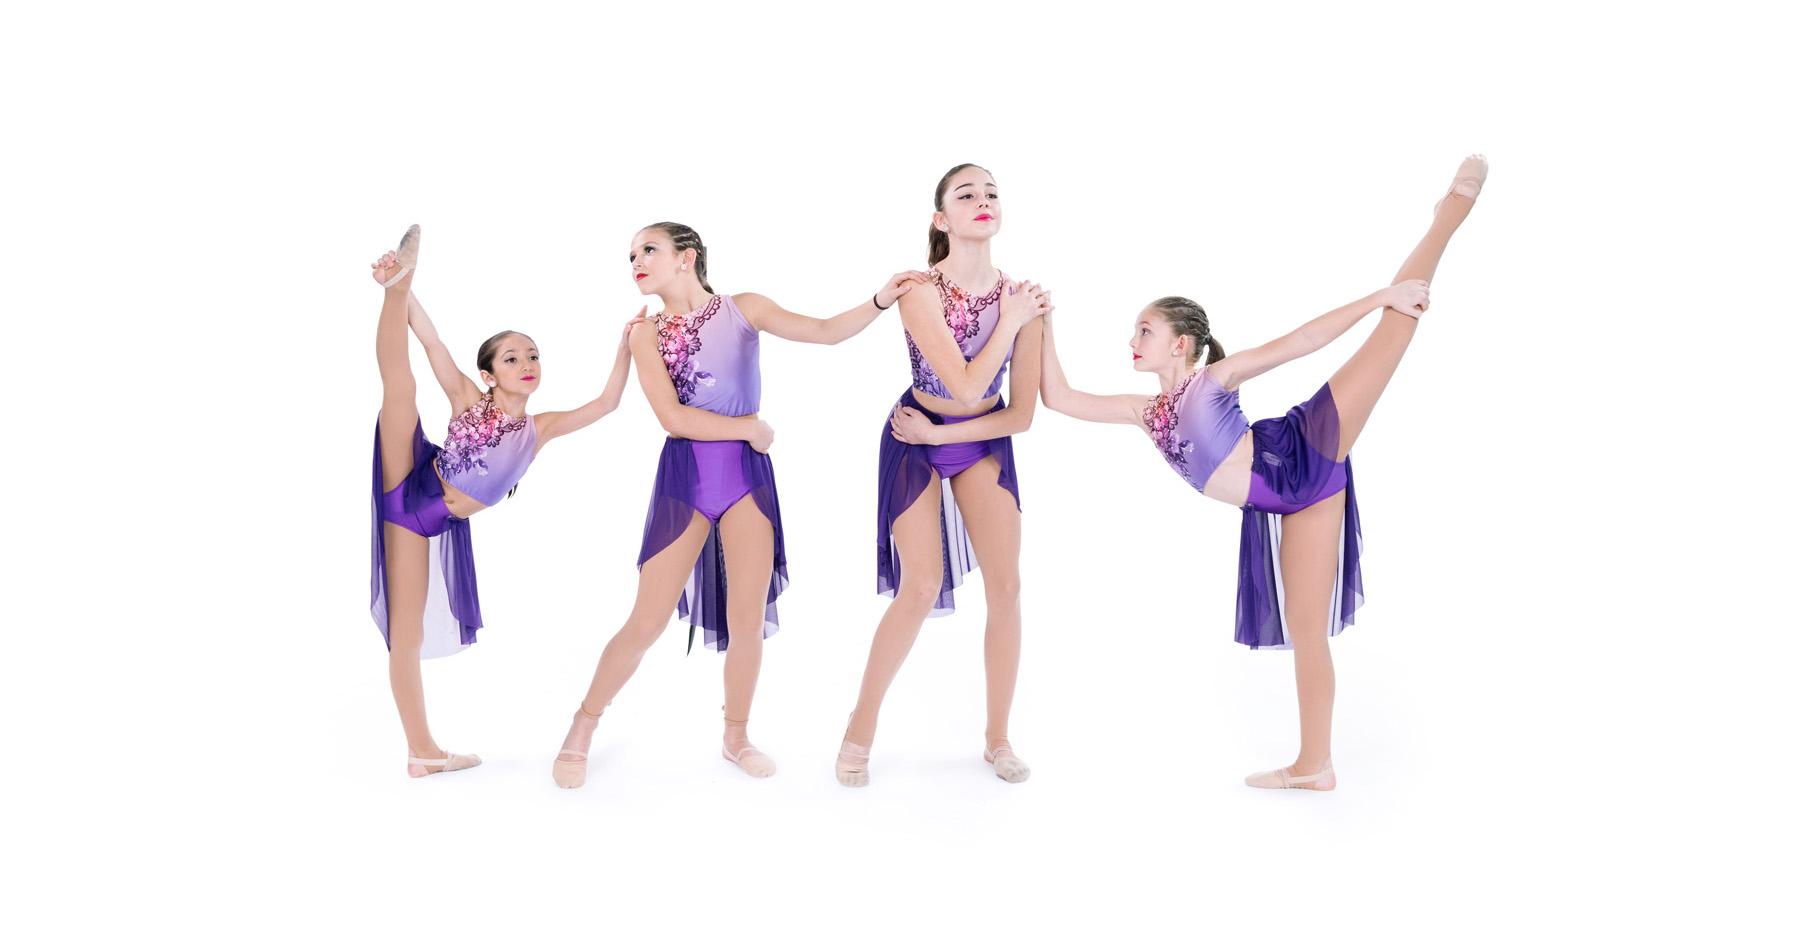 Dancers in purple attire posed